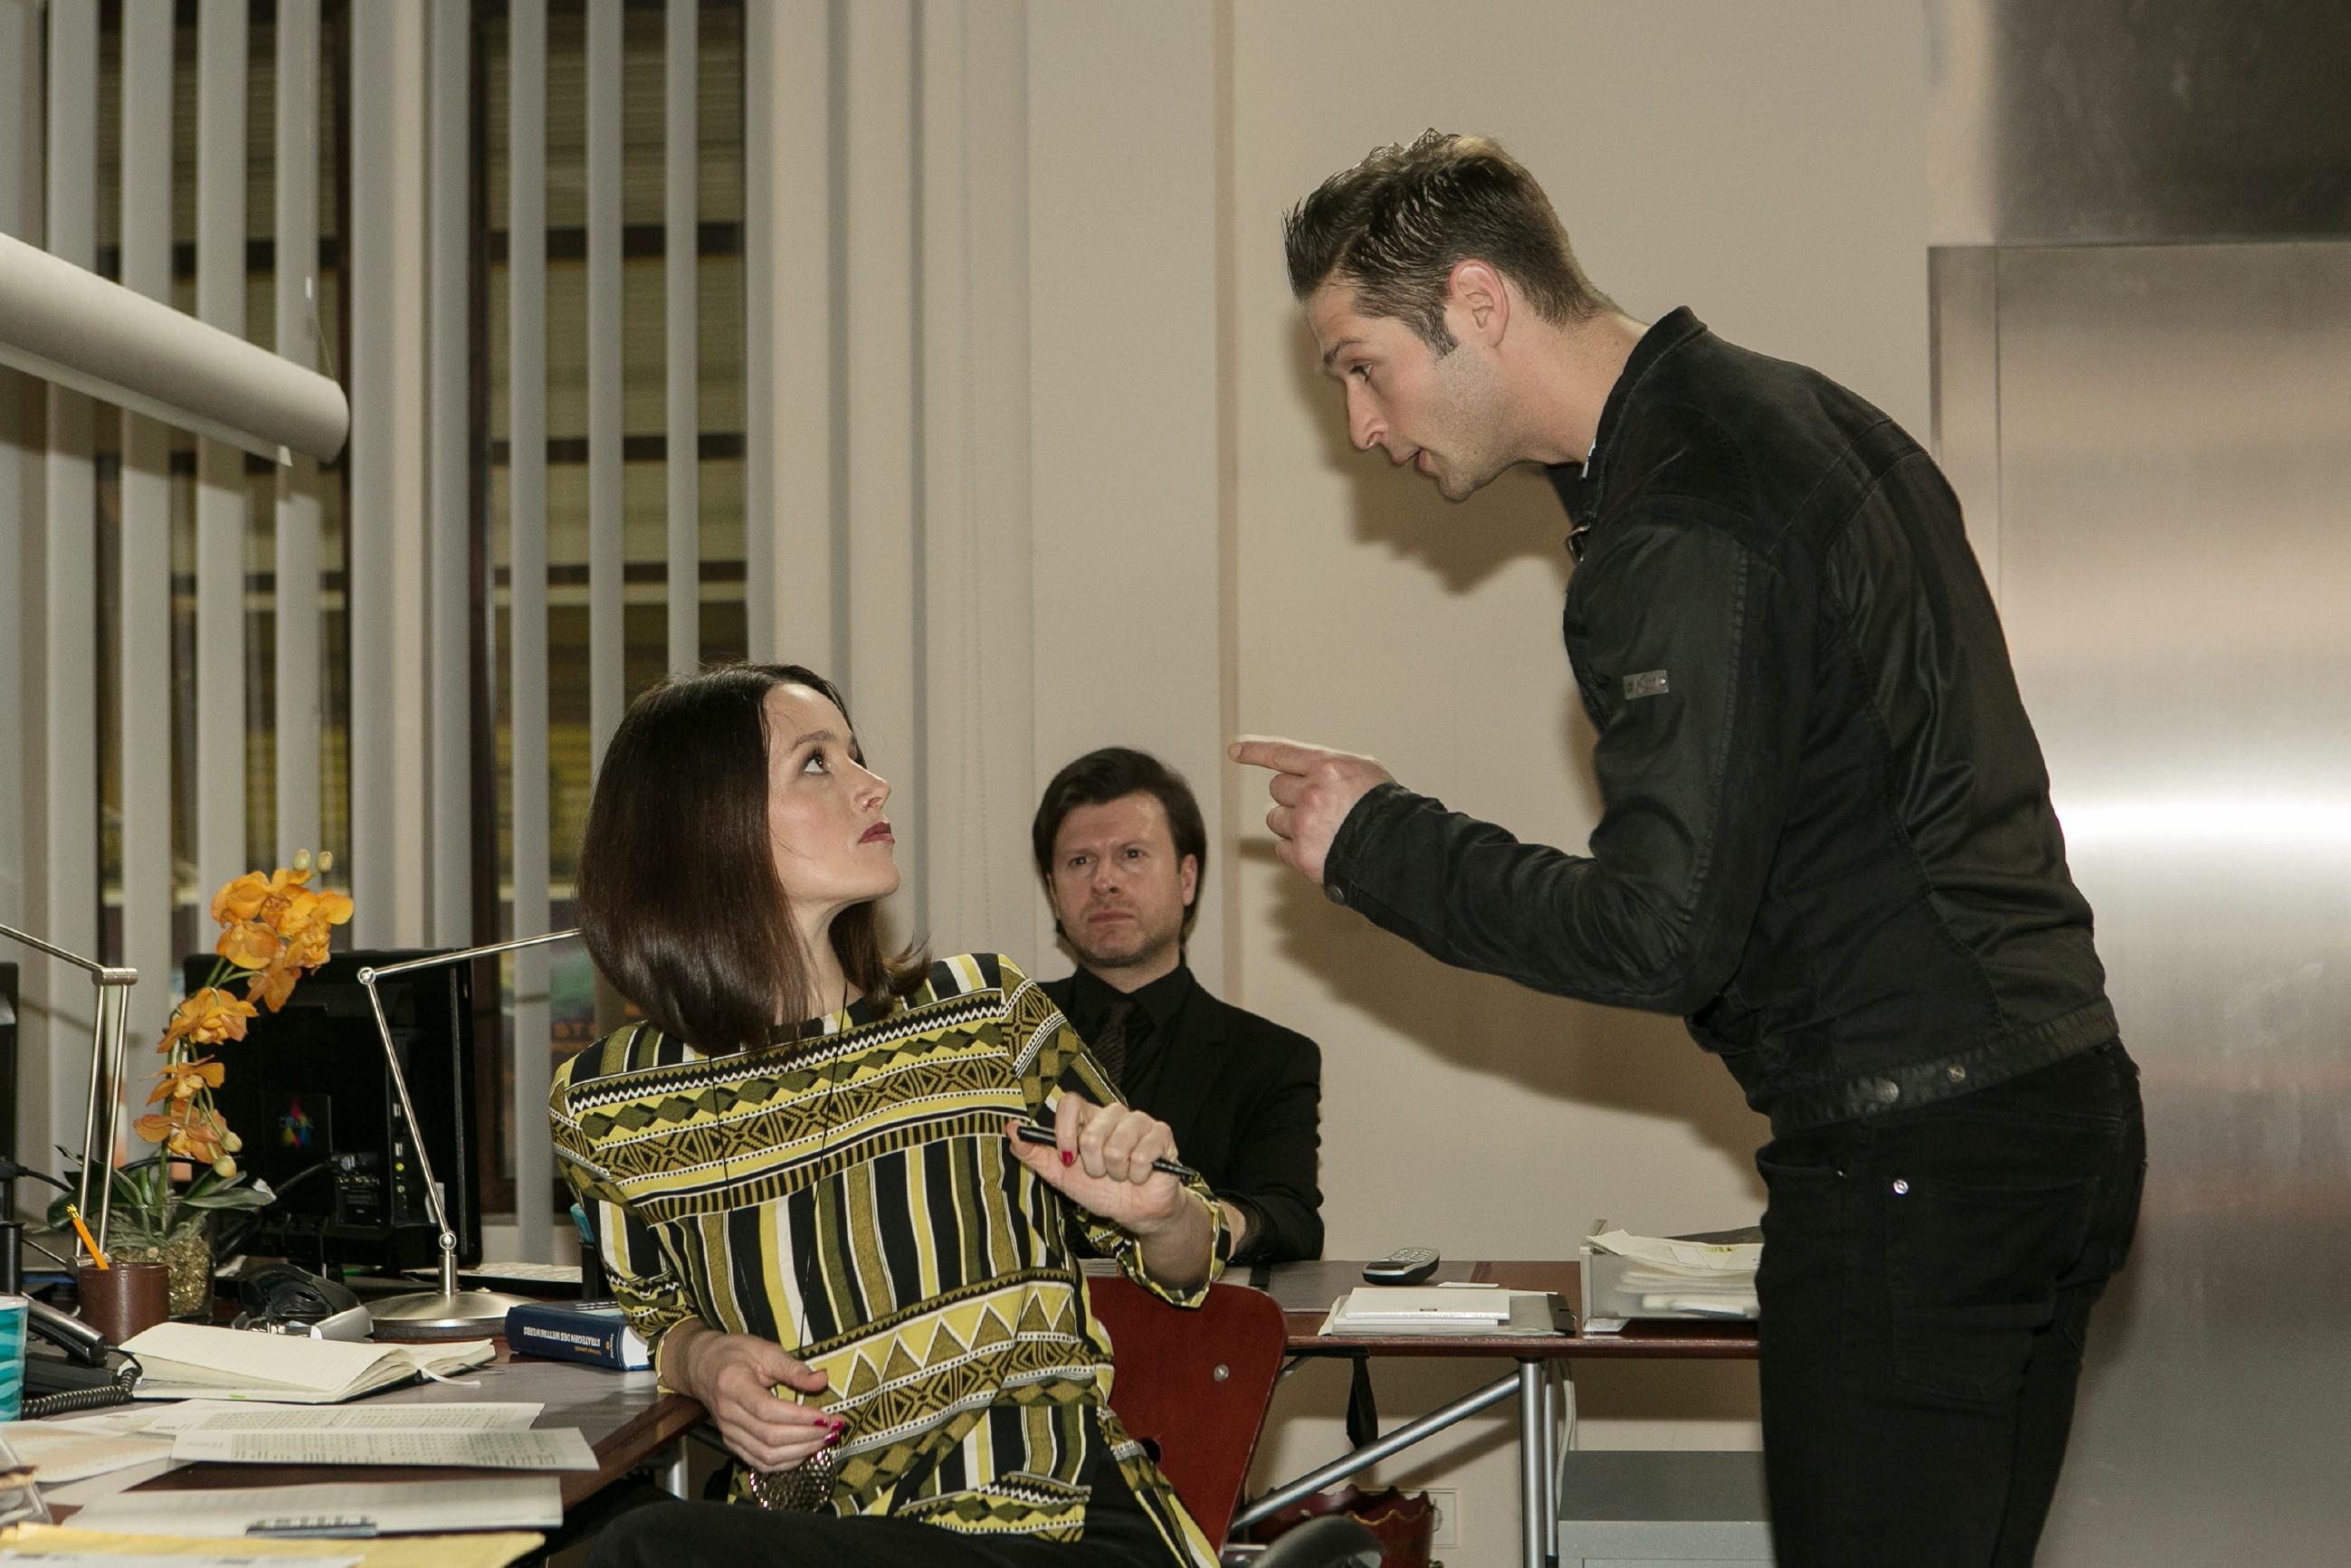 Deniz (Igor Dolgatschew, r.) wirft Jenny (Kaja Schmidt-Tychsen) vor, dass sie ihm den Baustopp eingebrockt hat... (Quelle: RTL / Kai Schulz)